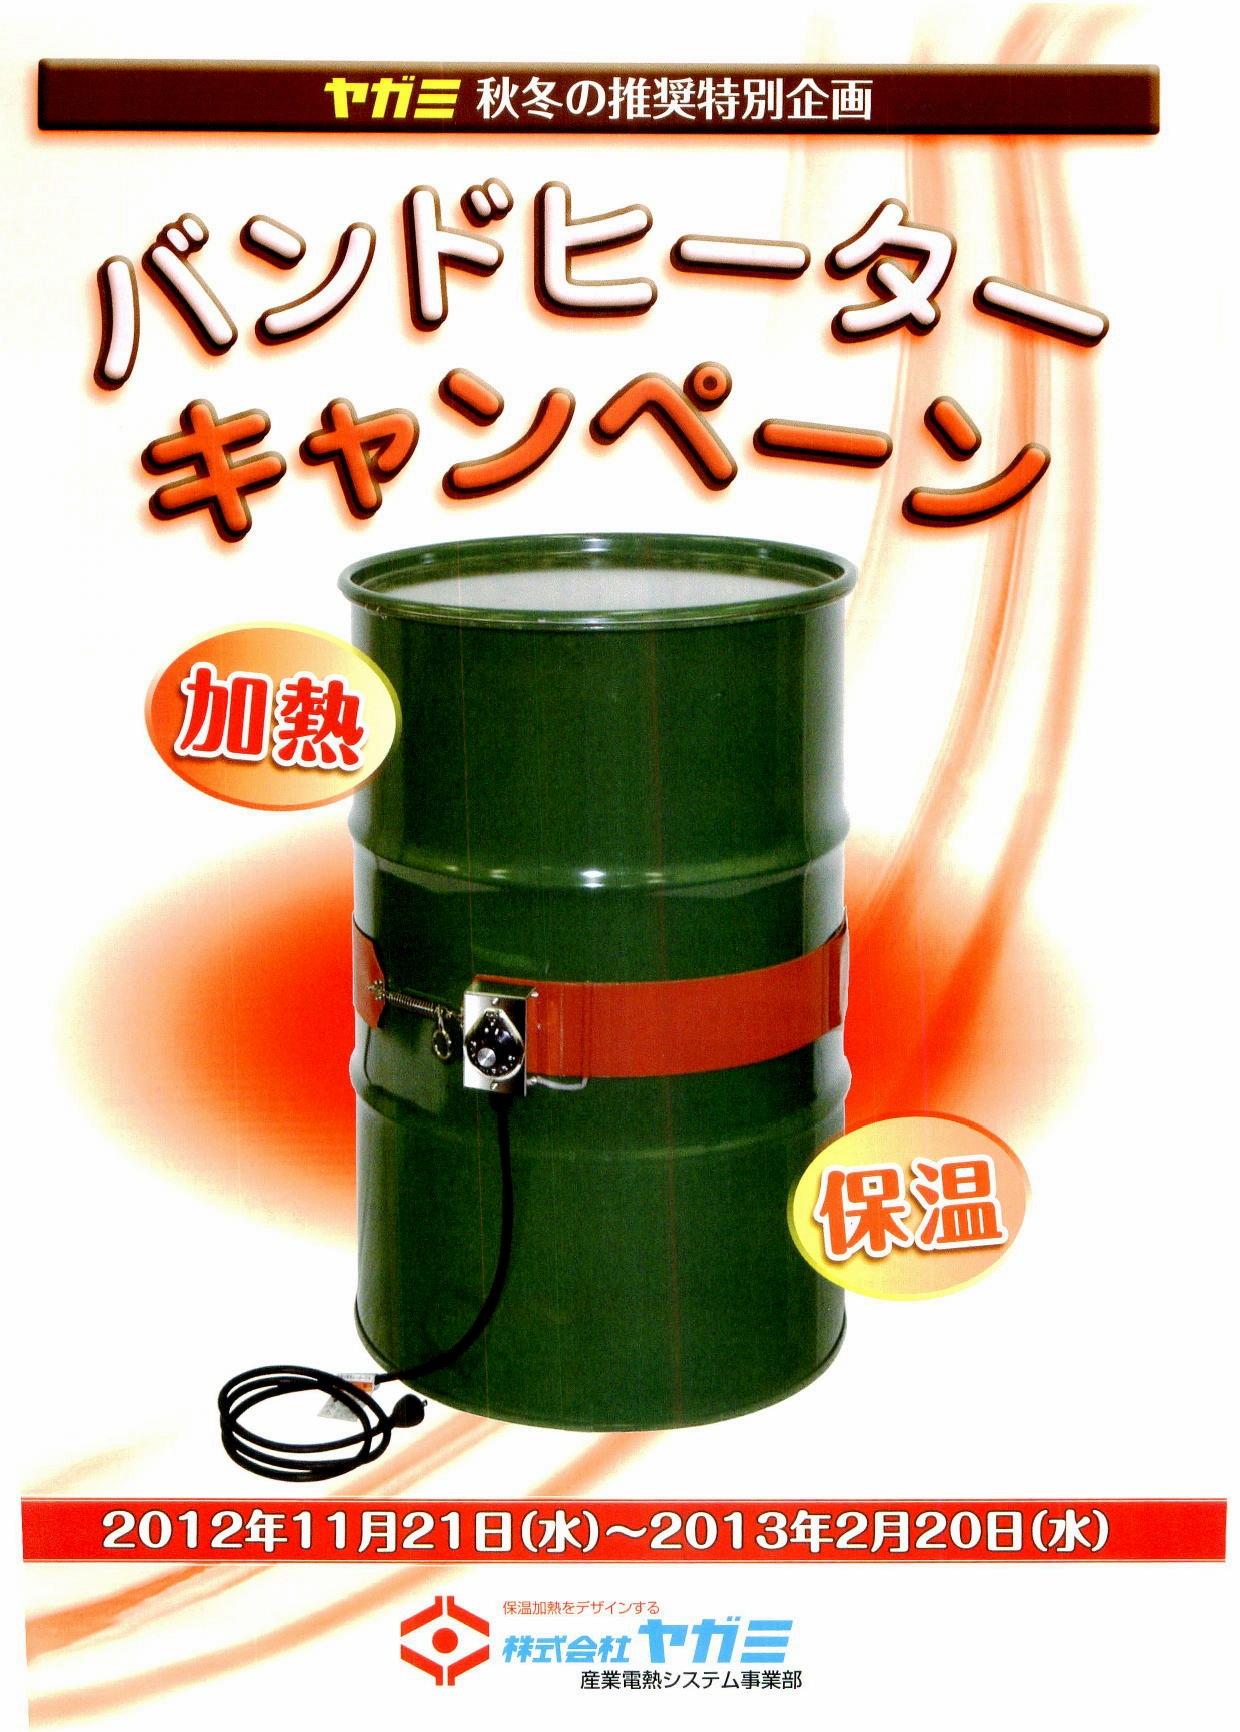 ヤガミ バンドヒーターキャンペーン 2012-11-21~2013-02-20まで 1